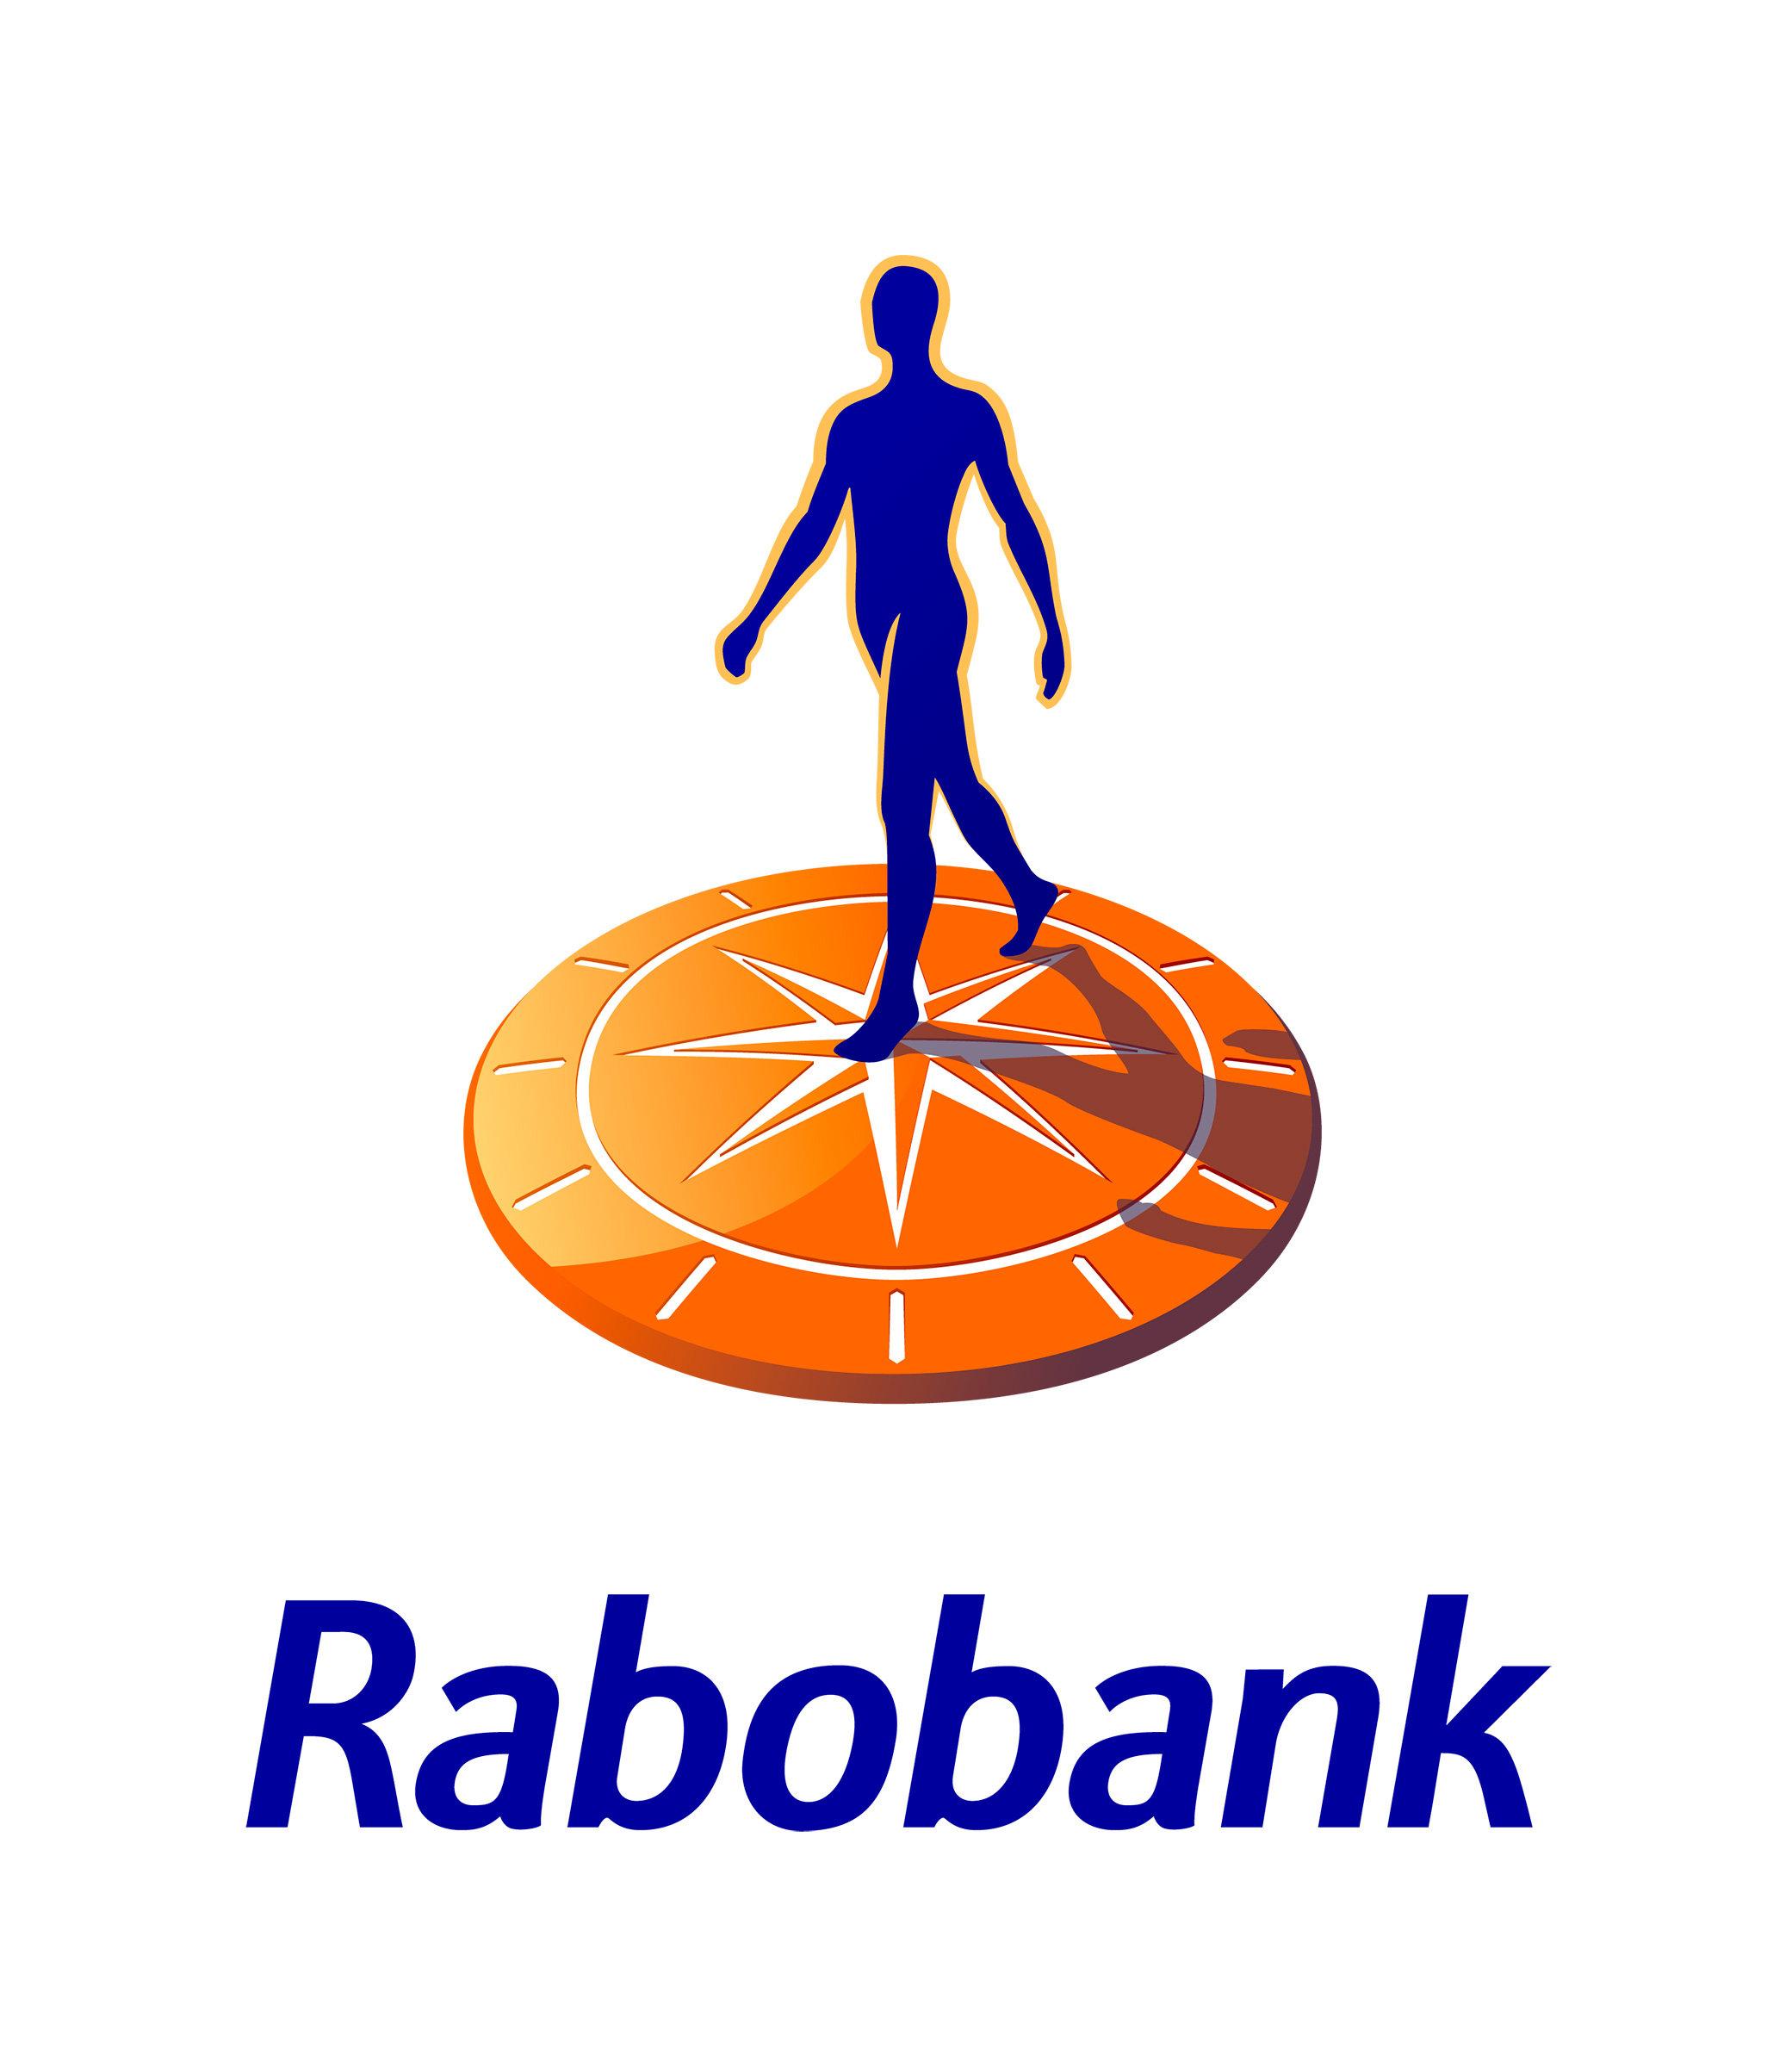 Rabobank als maatschappelijke bank dichter bij de klant